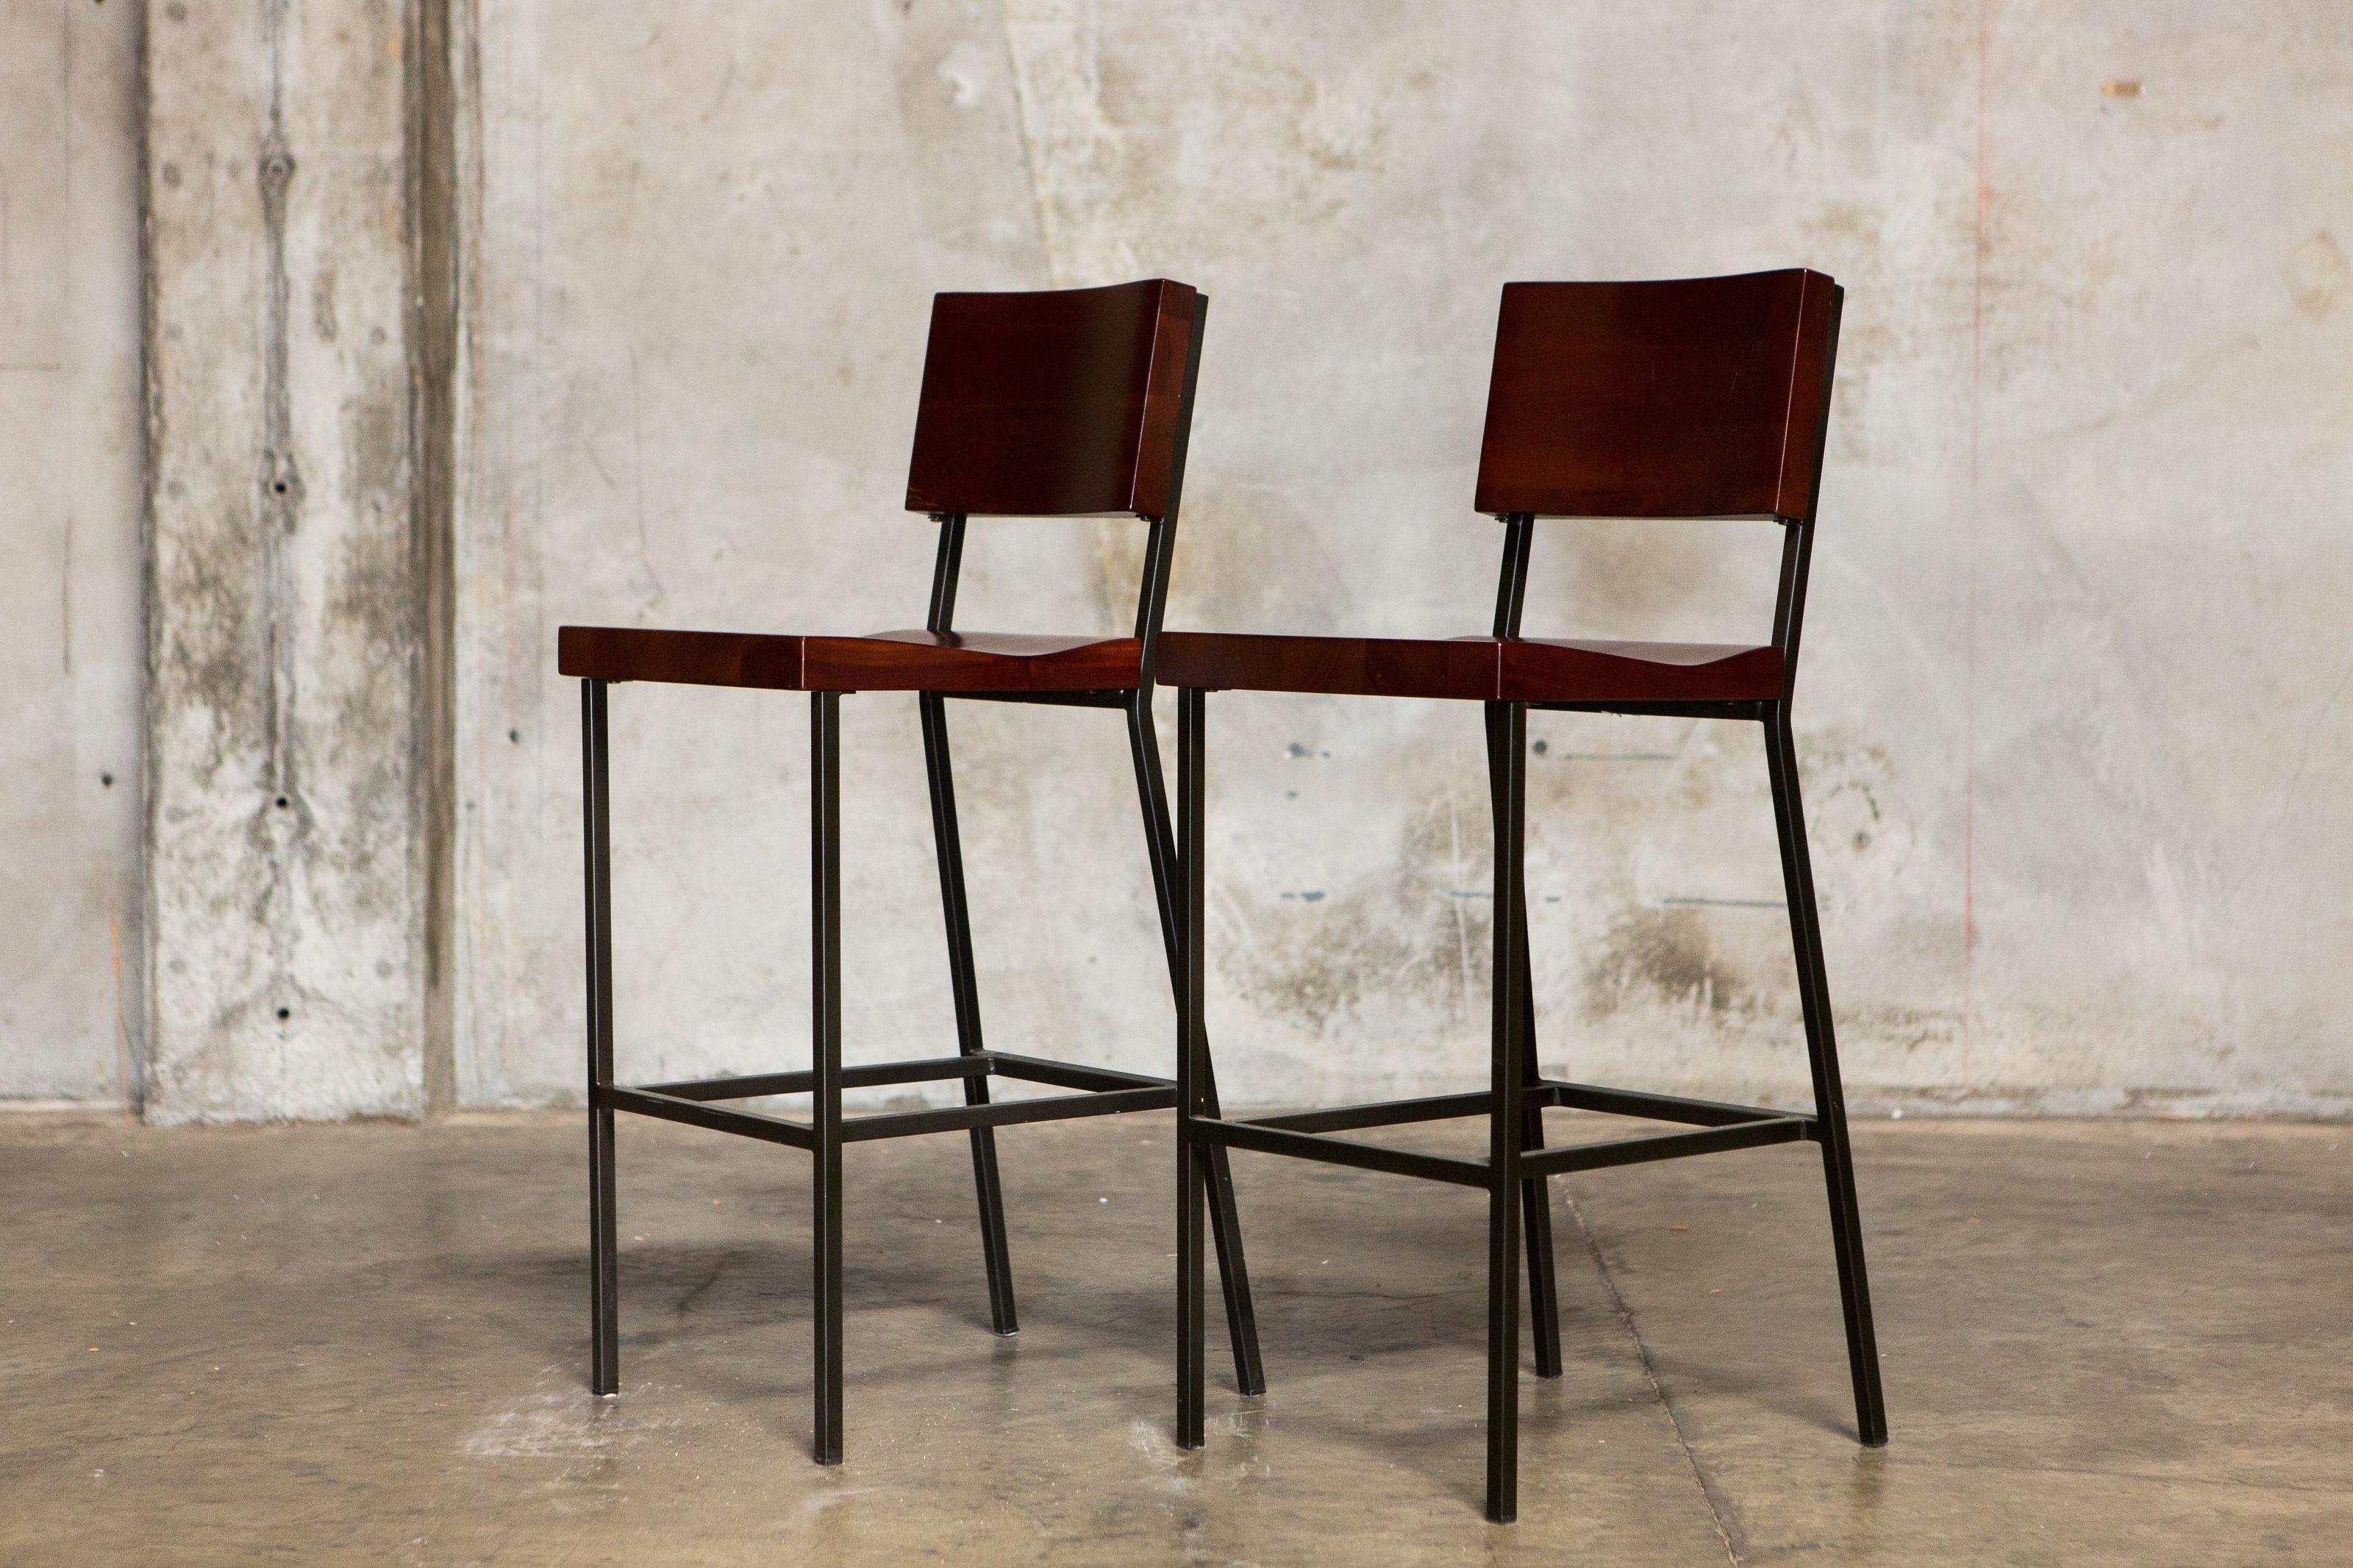 Metal Frame Wood Bar Stools Chairish : f172988d 0fa6 4ff2 ab52 ce472c970611aspectfitampwidth640ampheight640 from www.chairish.com size 640 x 640 jpeg 42kB